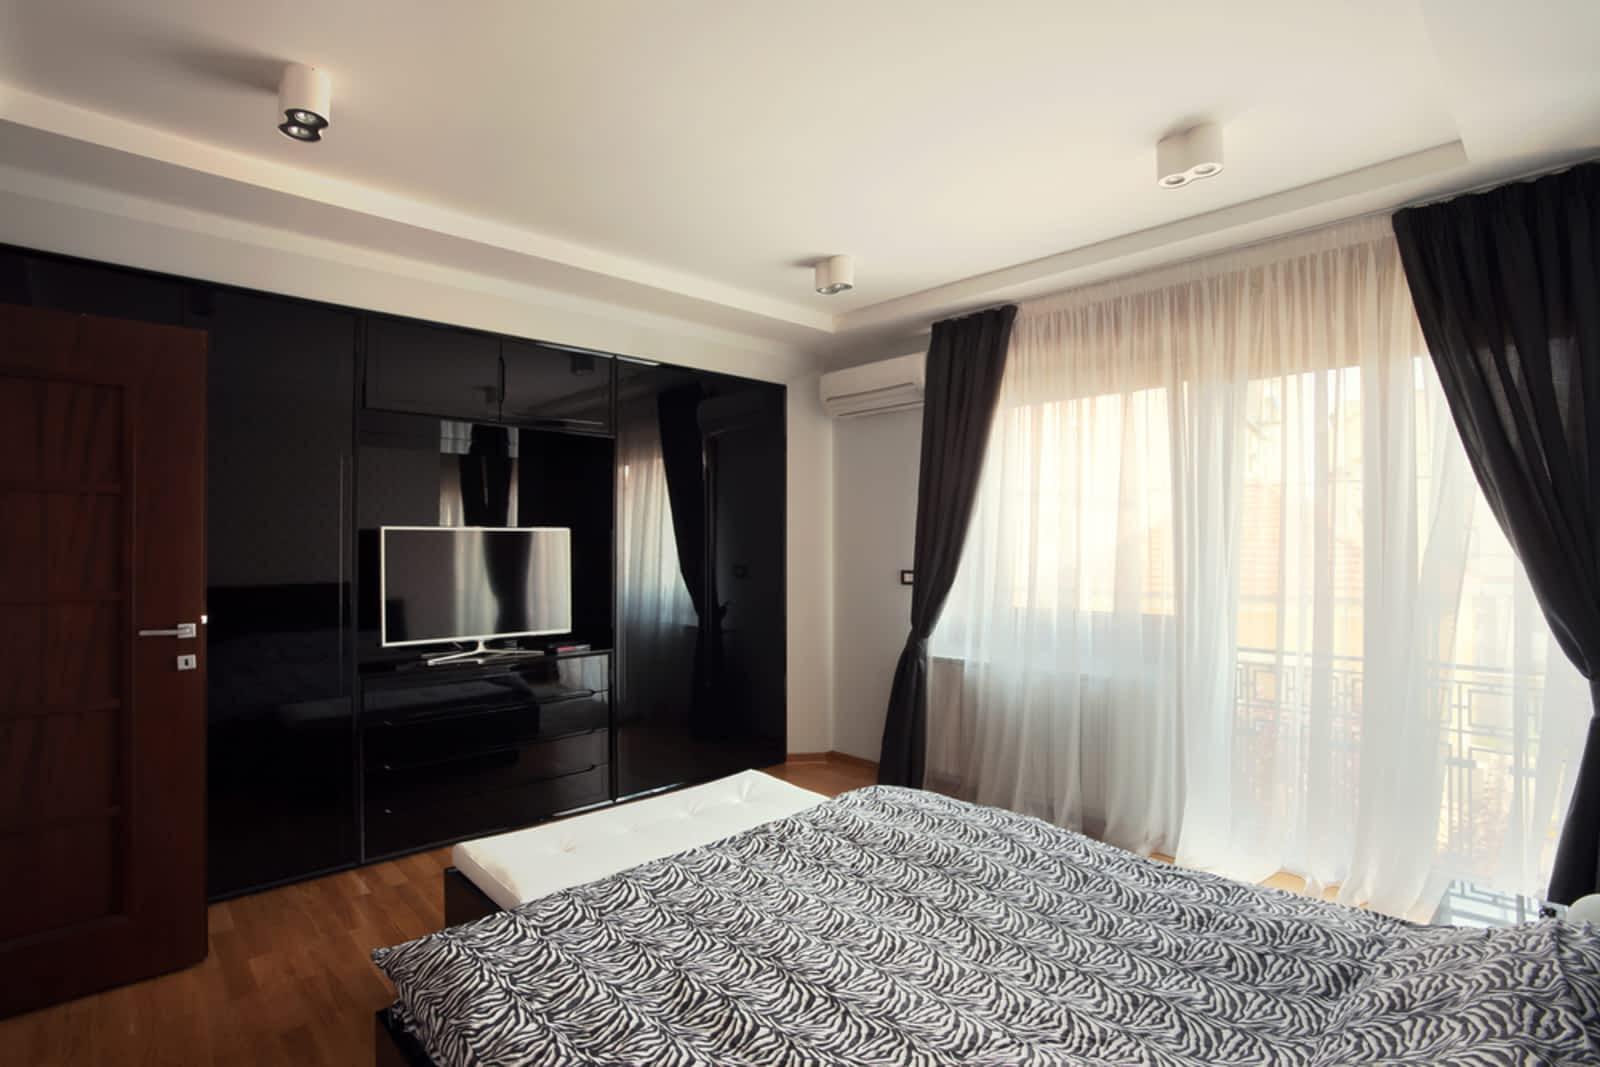 Кровать изголовьем к окну с балконом